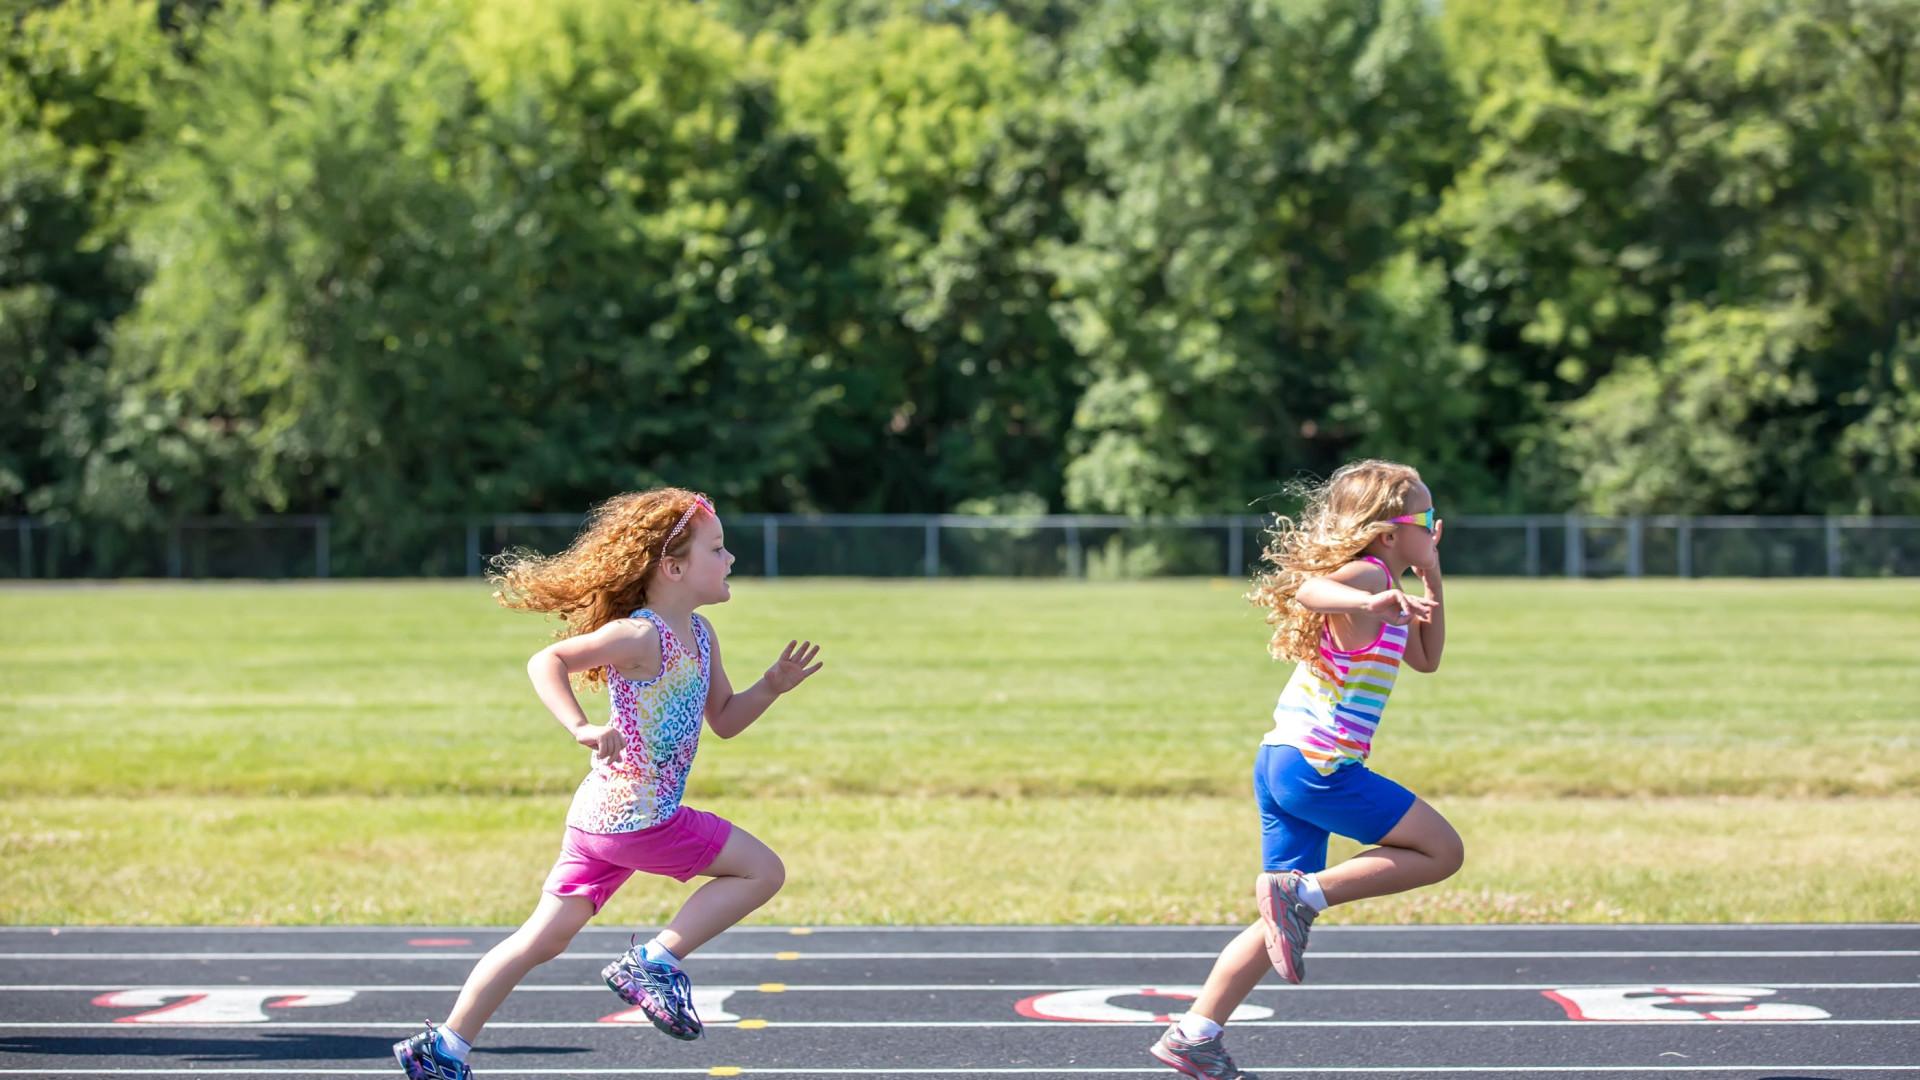 Estereótipos de género no desporto estão presentes logo na primária